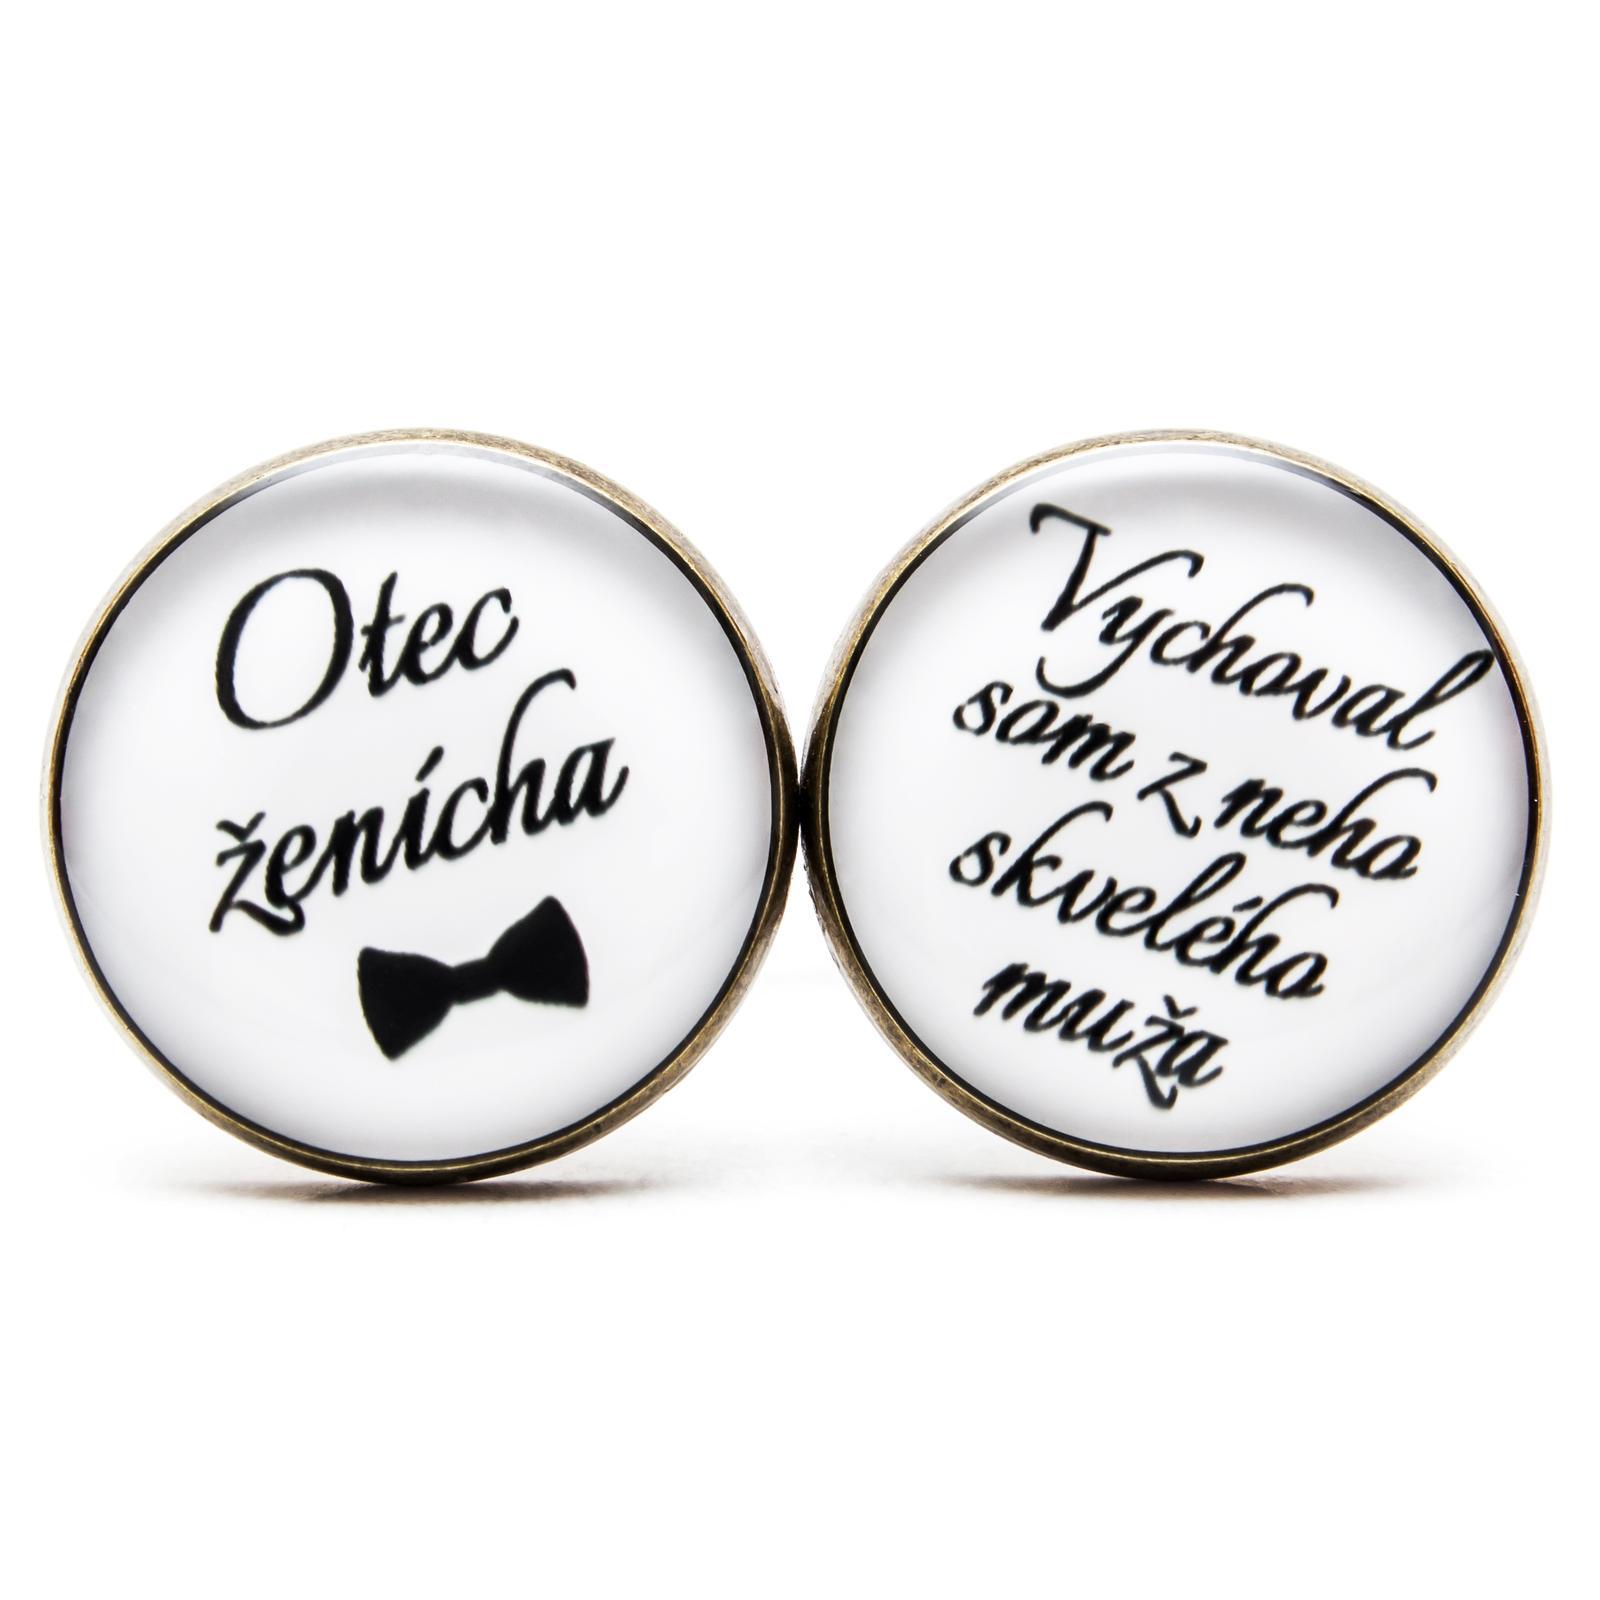 ♥  Manžetové gombíky na mieru - presne podľa Tvojich predstáv ♥ - Otec ženícha - Vychoval som z neho skvelého muža